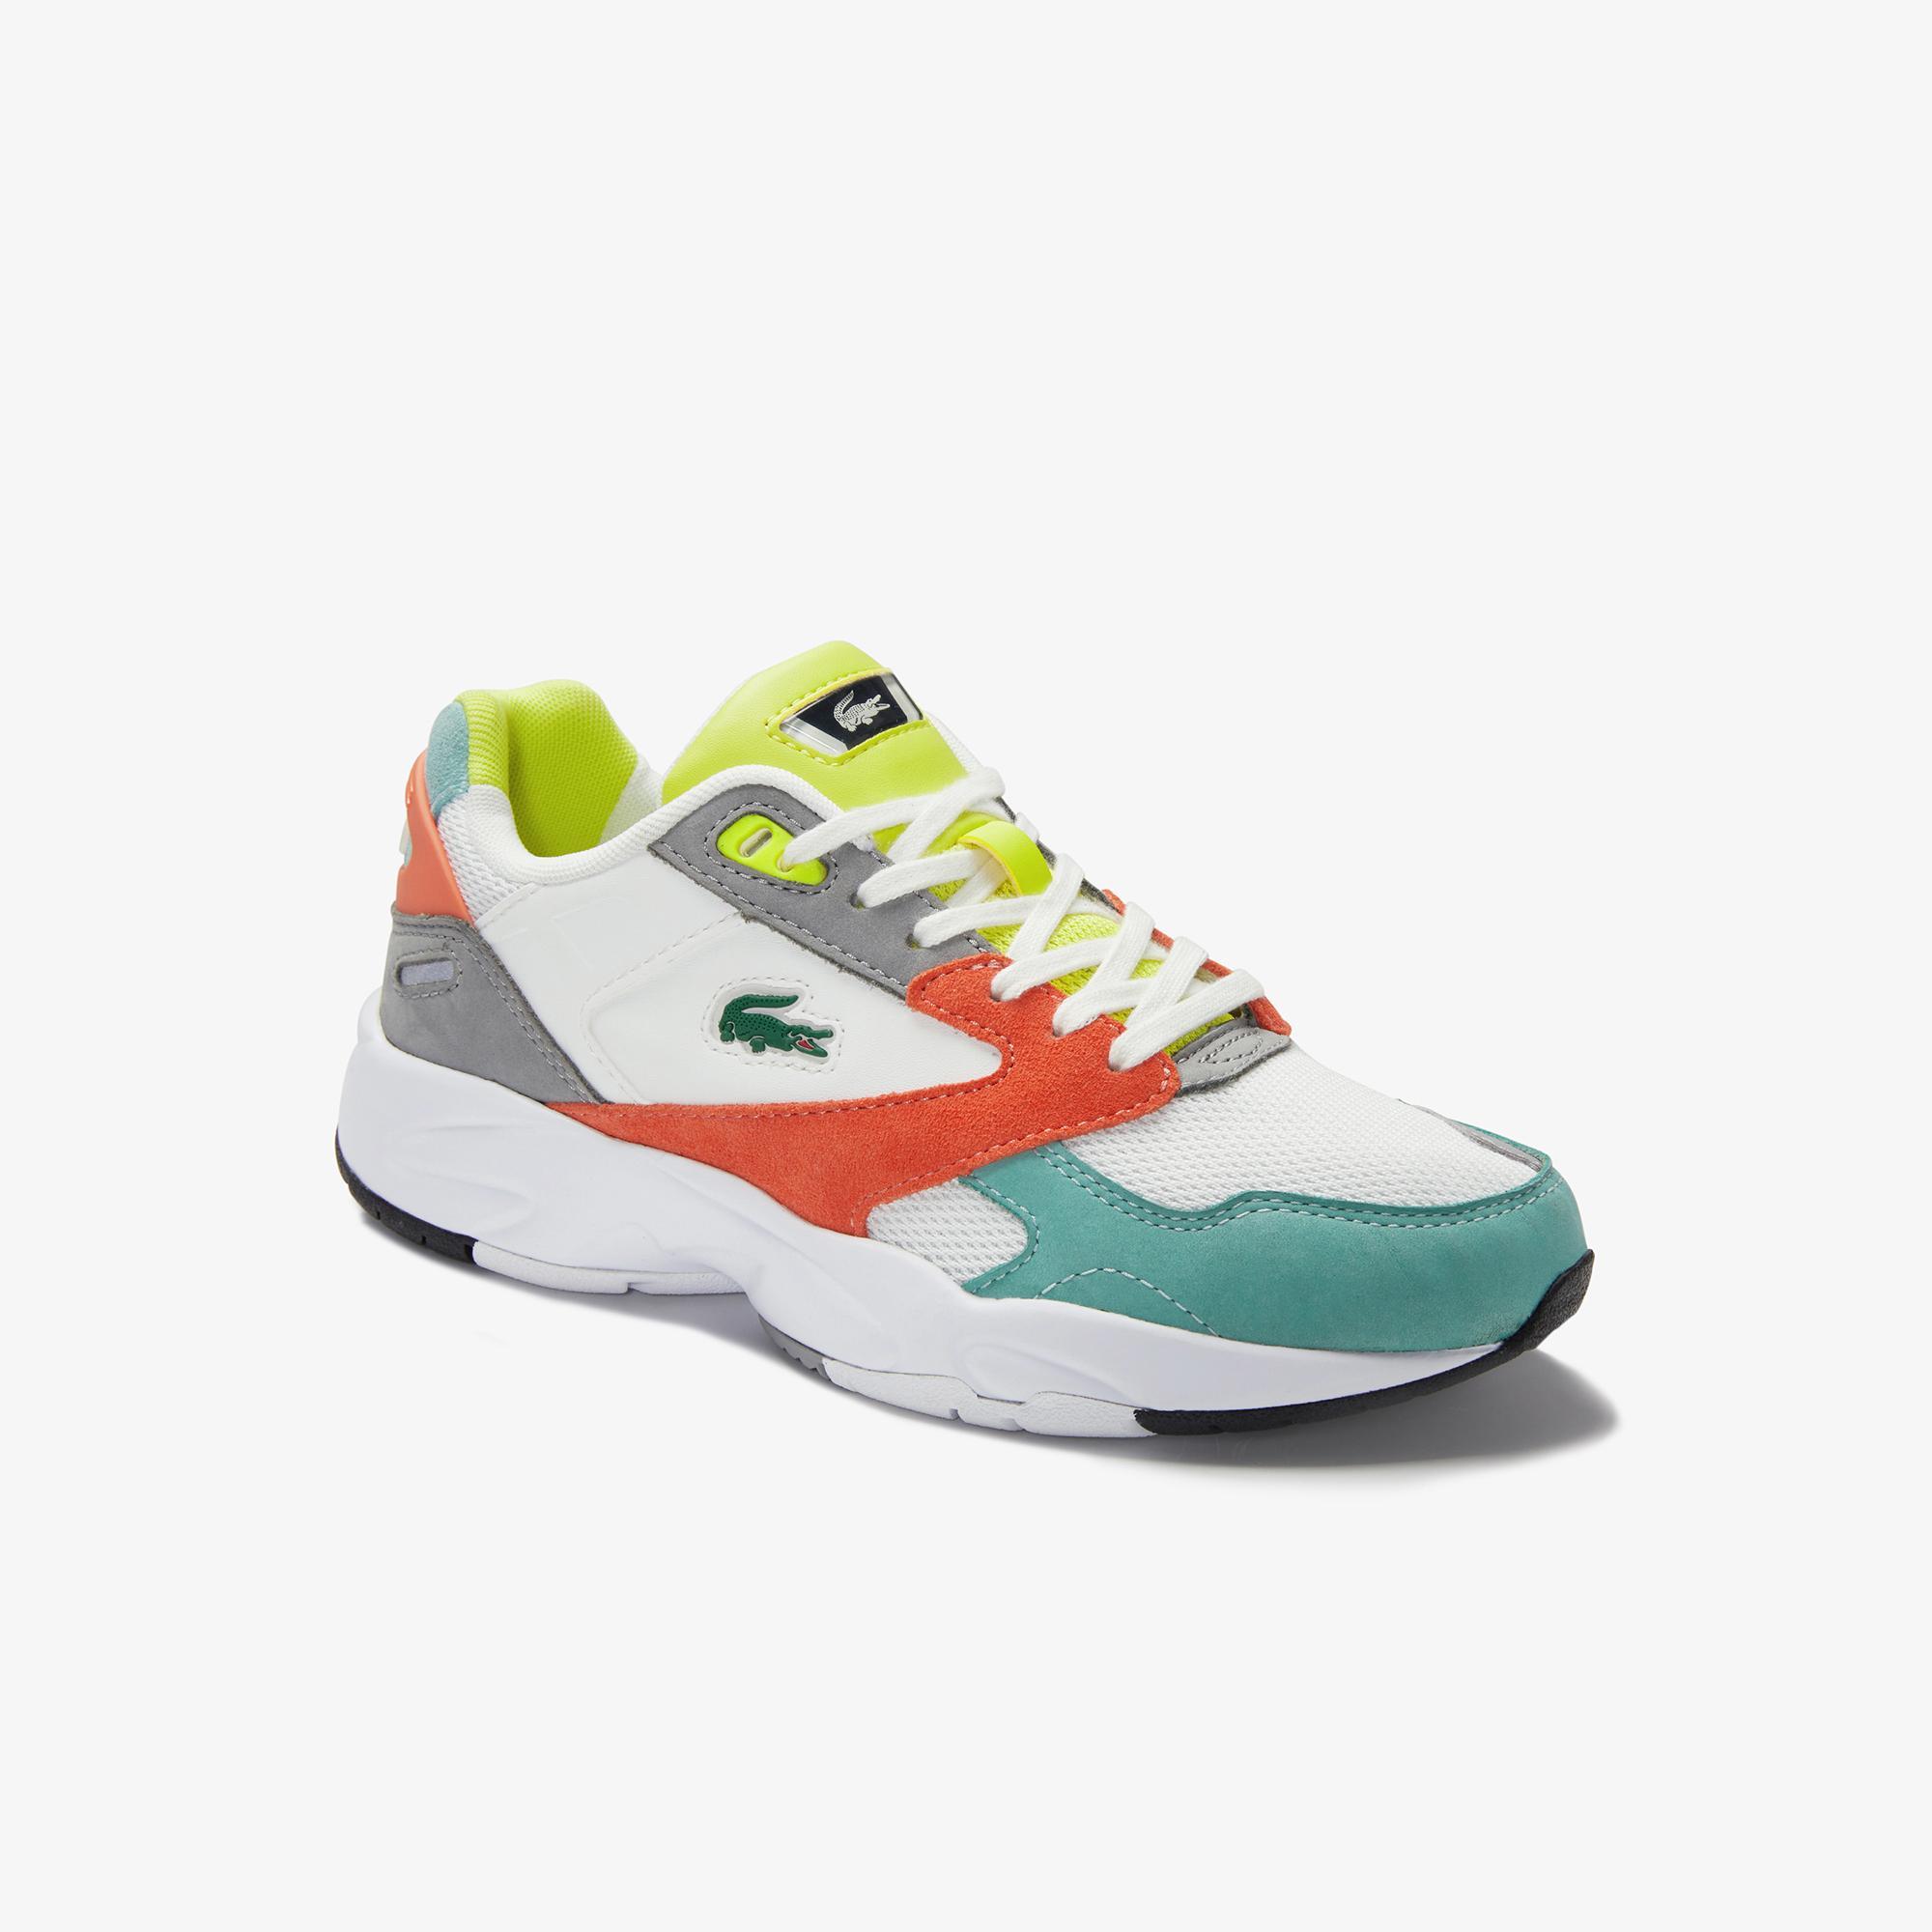 Lacoste Women's Storm 96 Lo 0120 2 SFA Sneakers